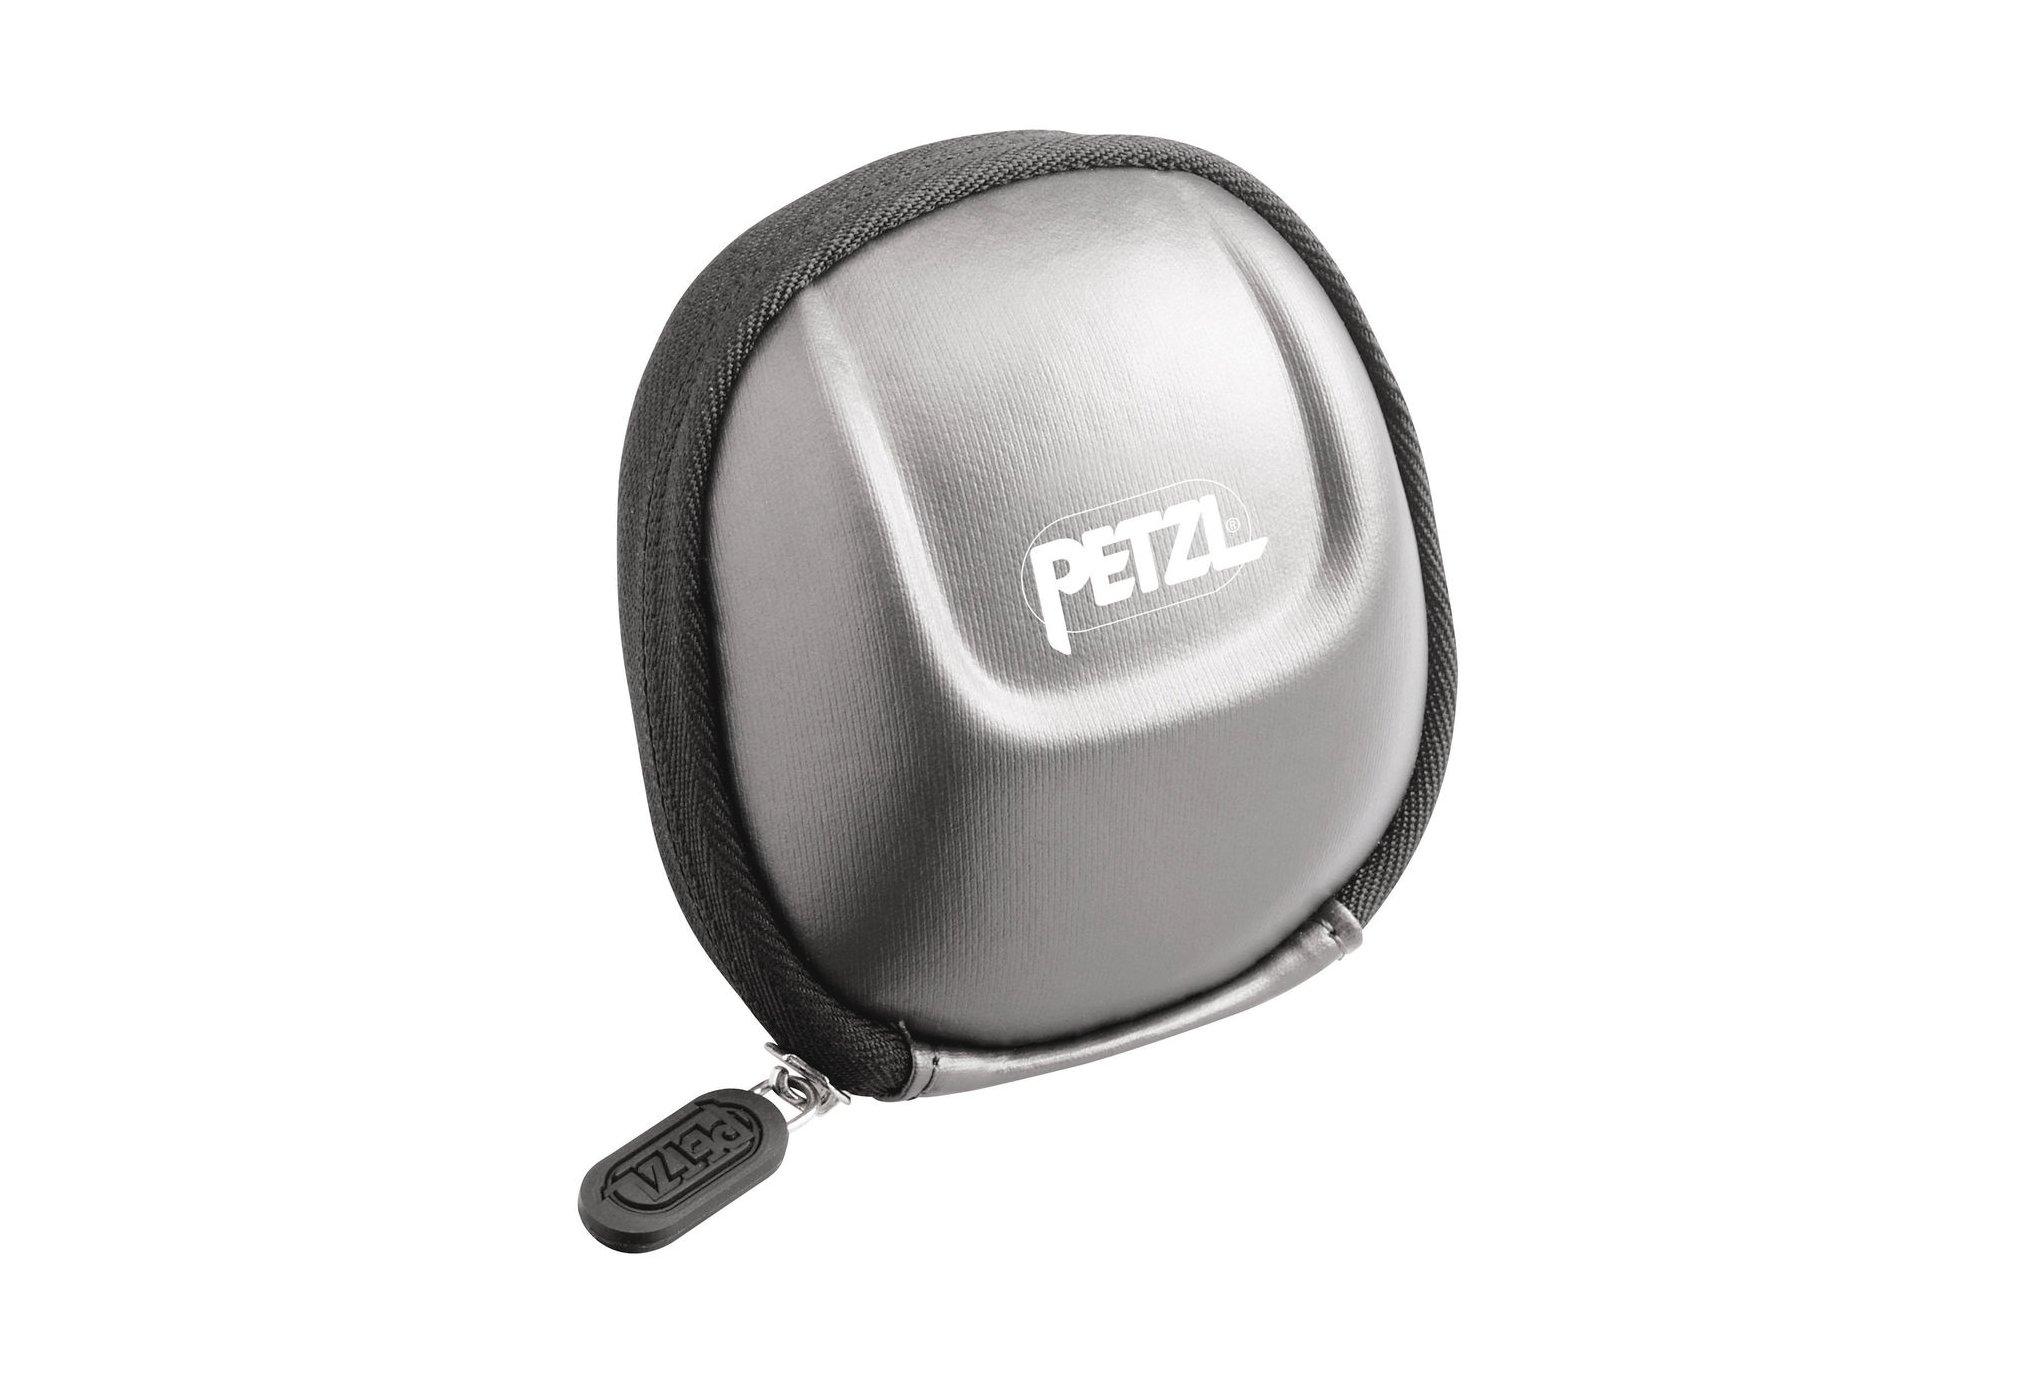 Petzl Etui Shell L Lampe frontale / éclairage